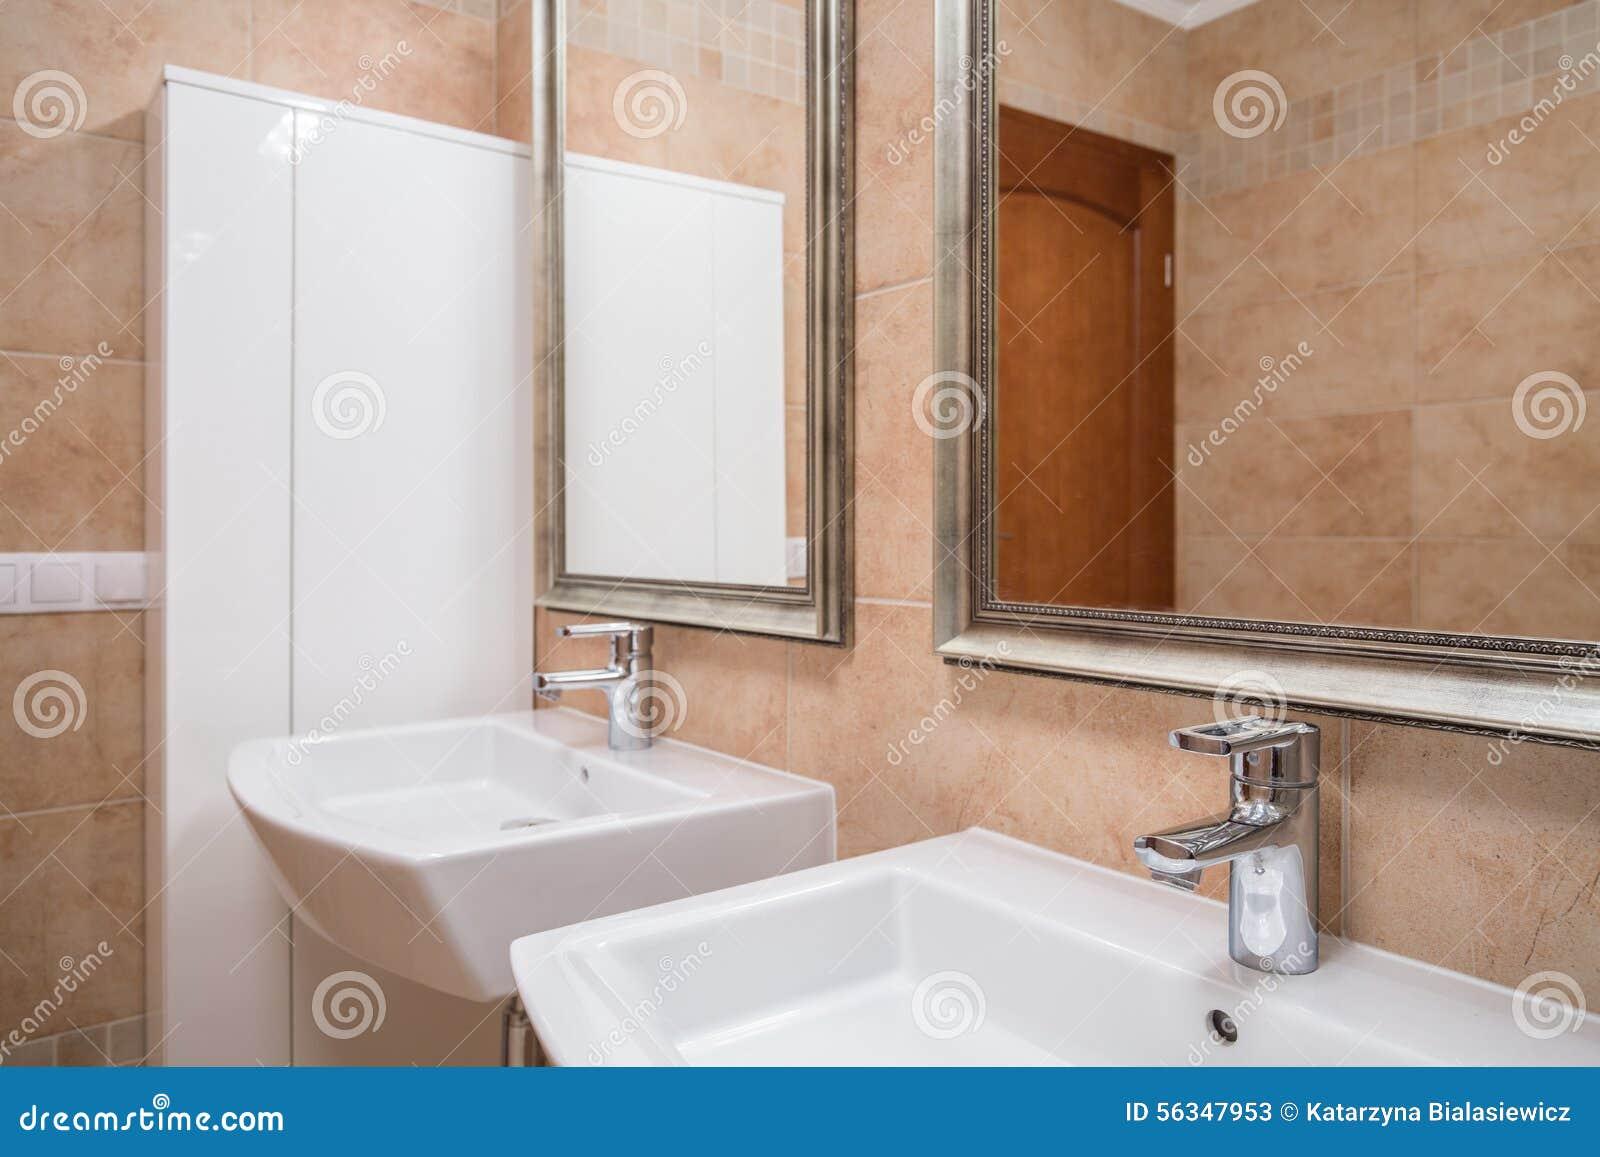 elegantes beige badezimmer stockfoto bild 56347953. Black Bedroom Furniture Sets. Home Design Ideas